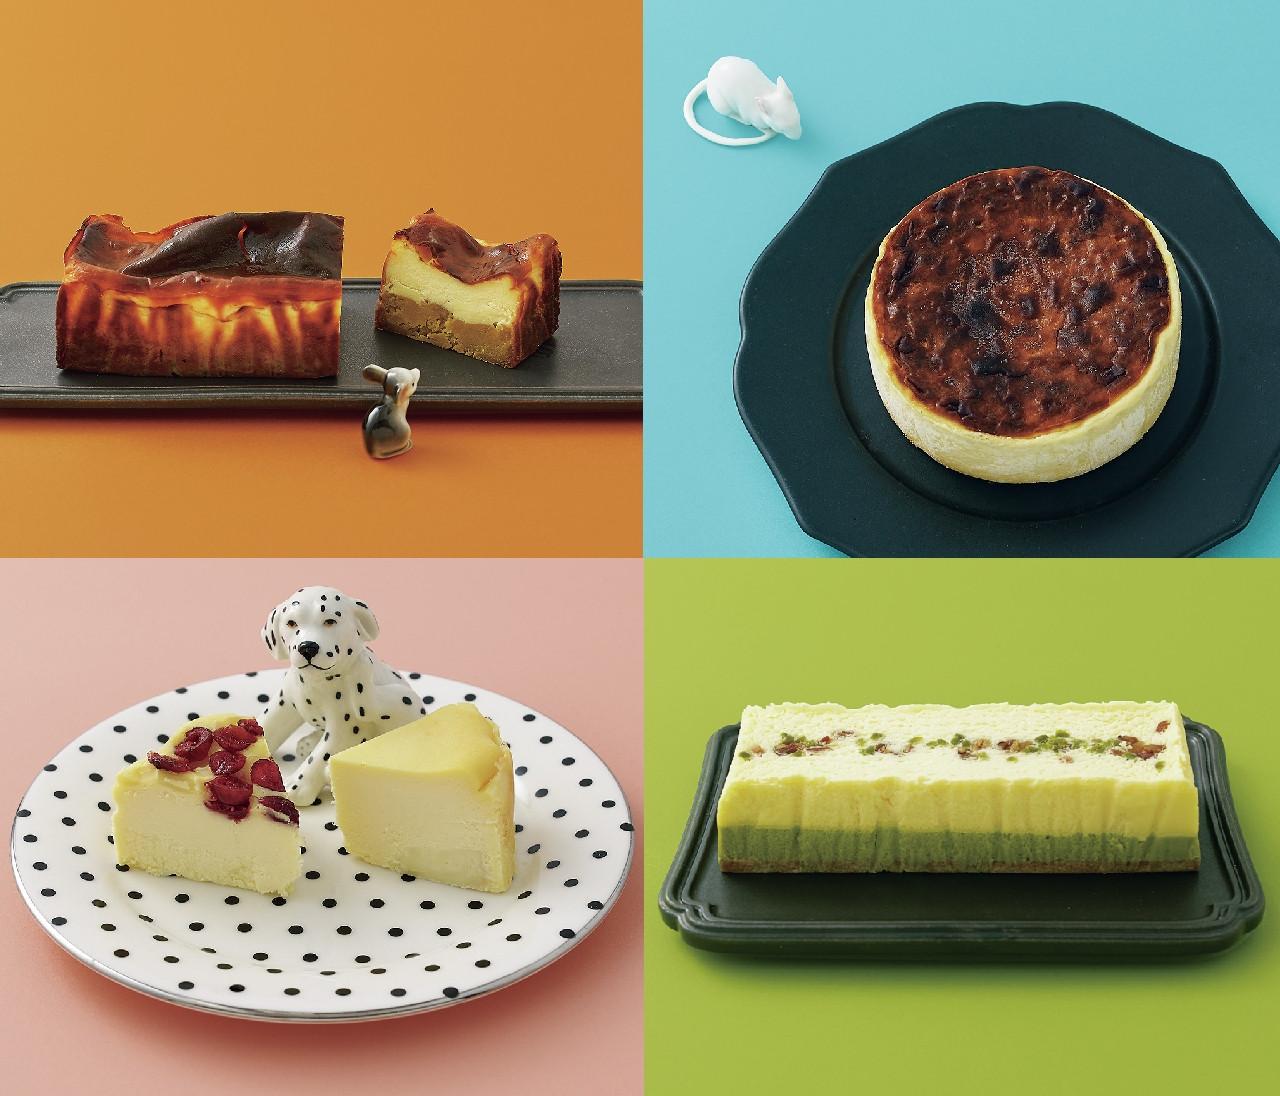 【チーズケーキのお取り寄せ1】究極のバスクチーズケーキ、安納芋入りやピスタチオ入り、グルテンフリーまで、進化系チーズケーキ4選!